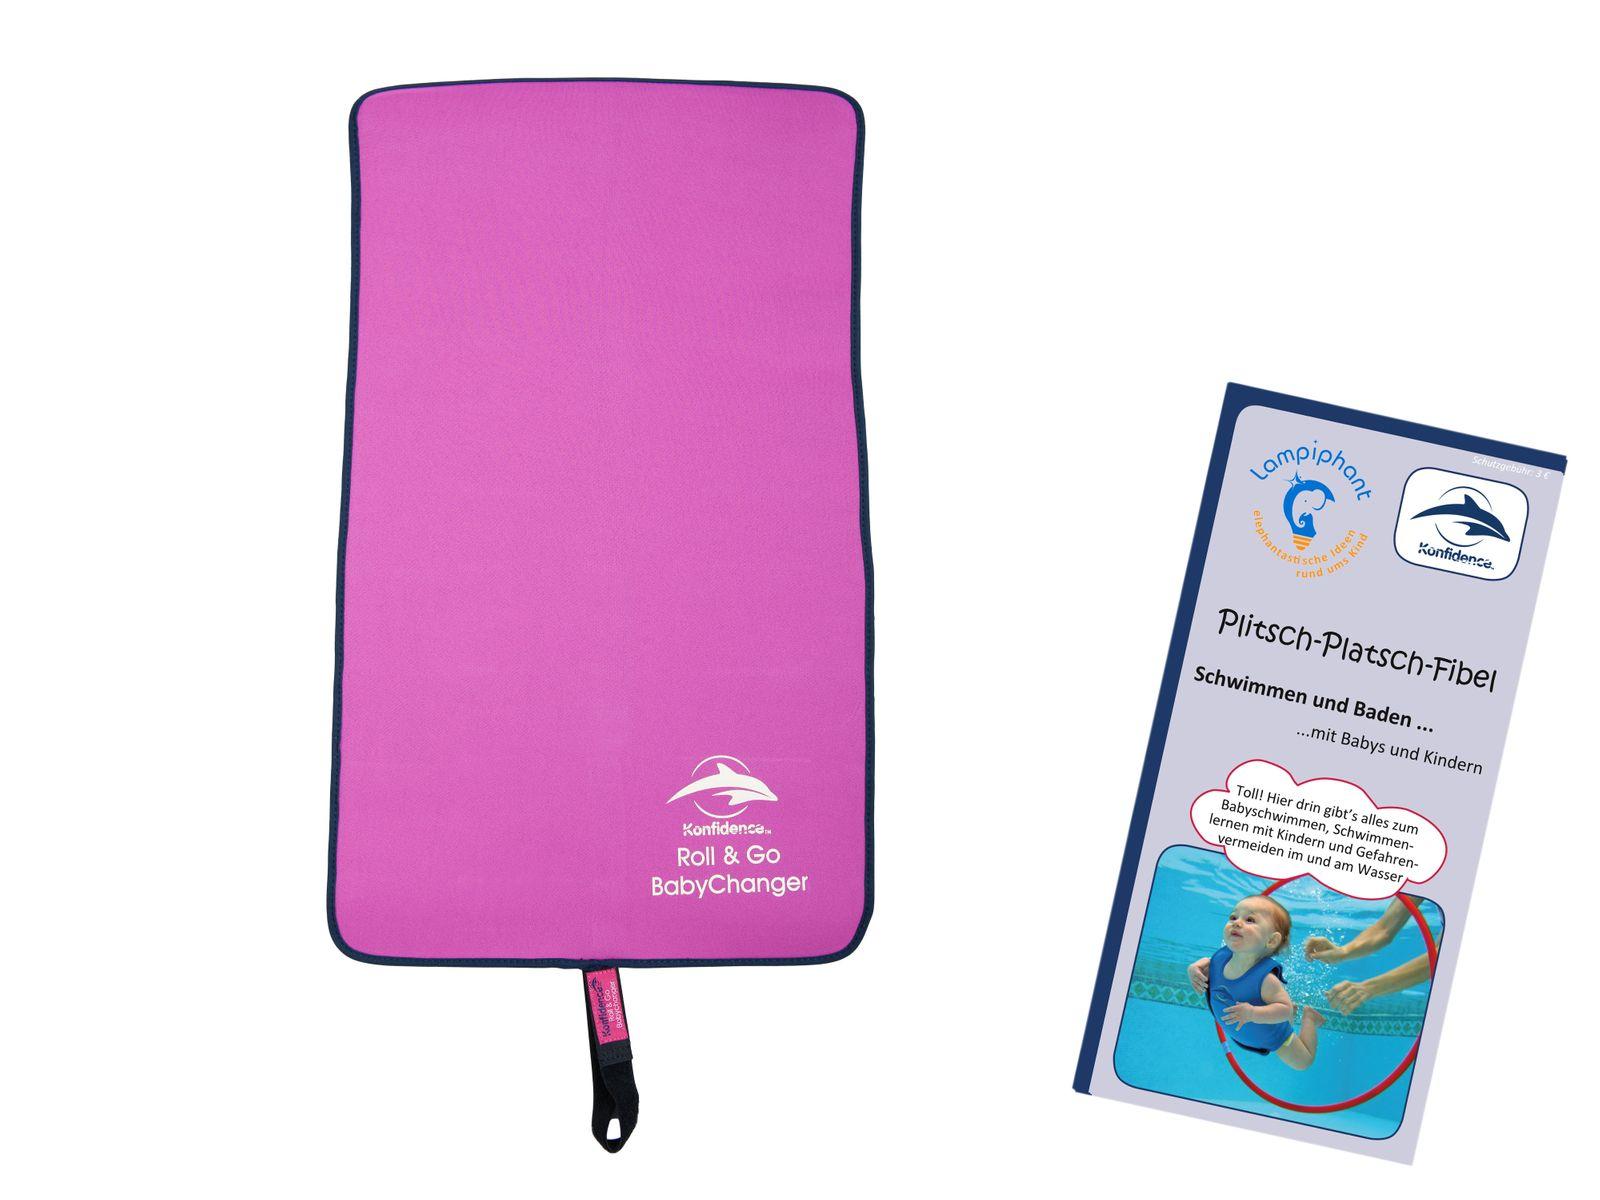 Lampiphant® + Konfidence BabyChanger Neopren-Wickelunterlage mit Plitsch-Platsch-Fibel, verschiedene Farben – Bild 5